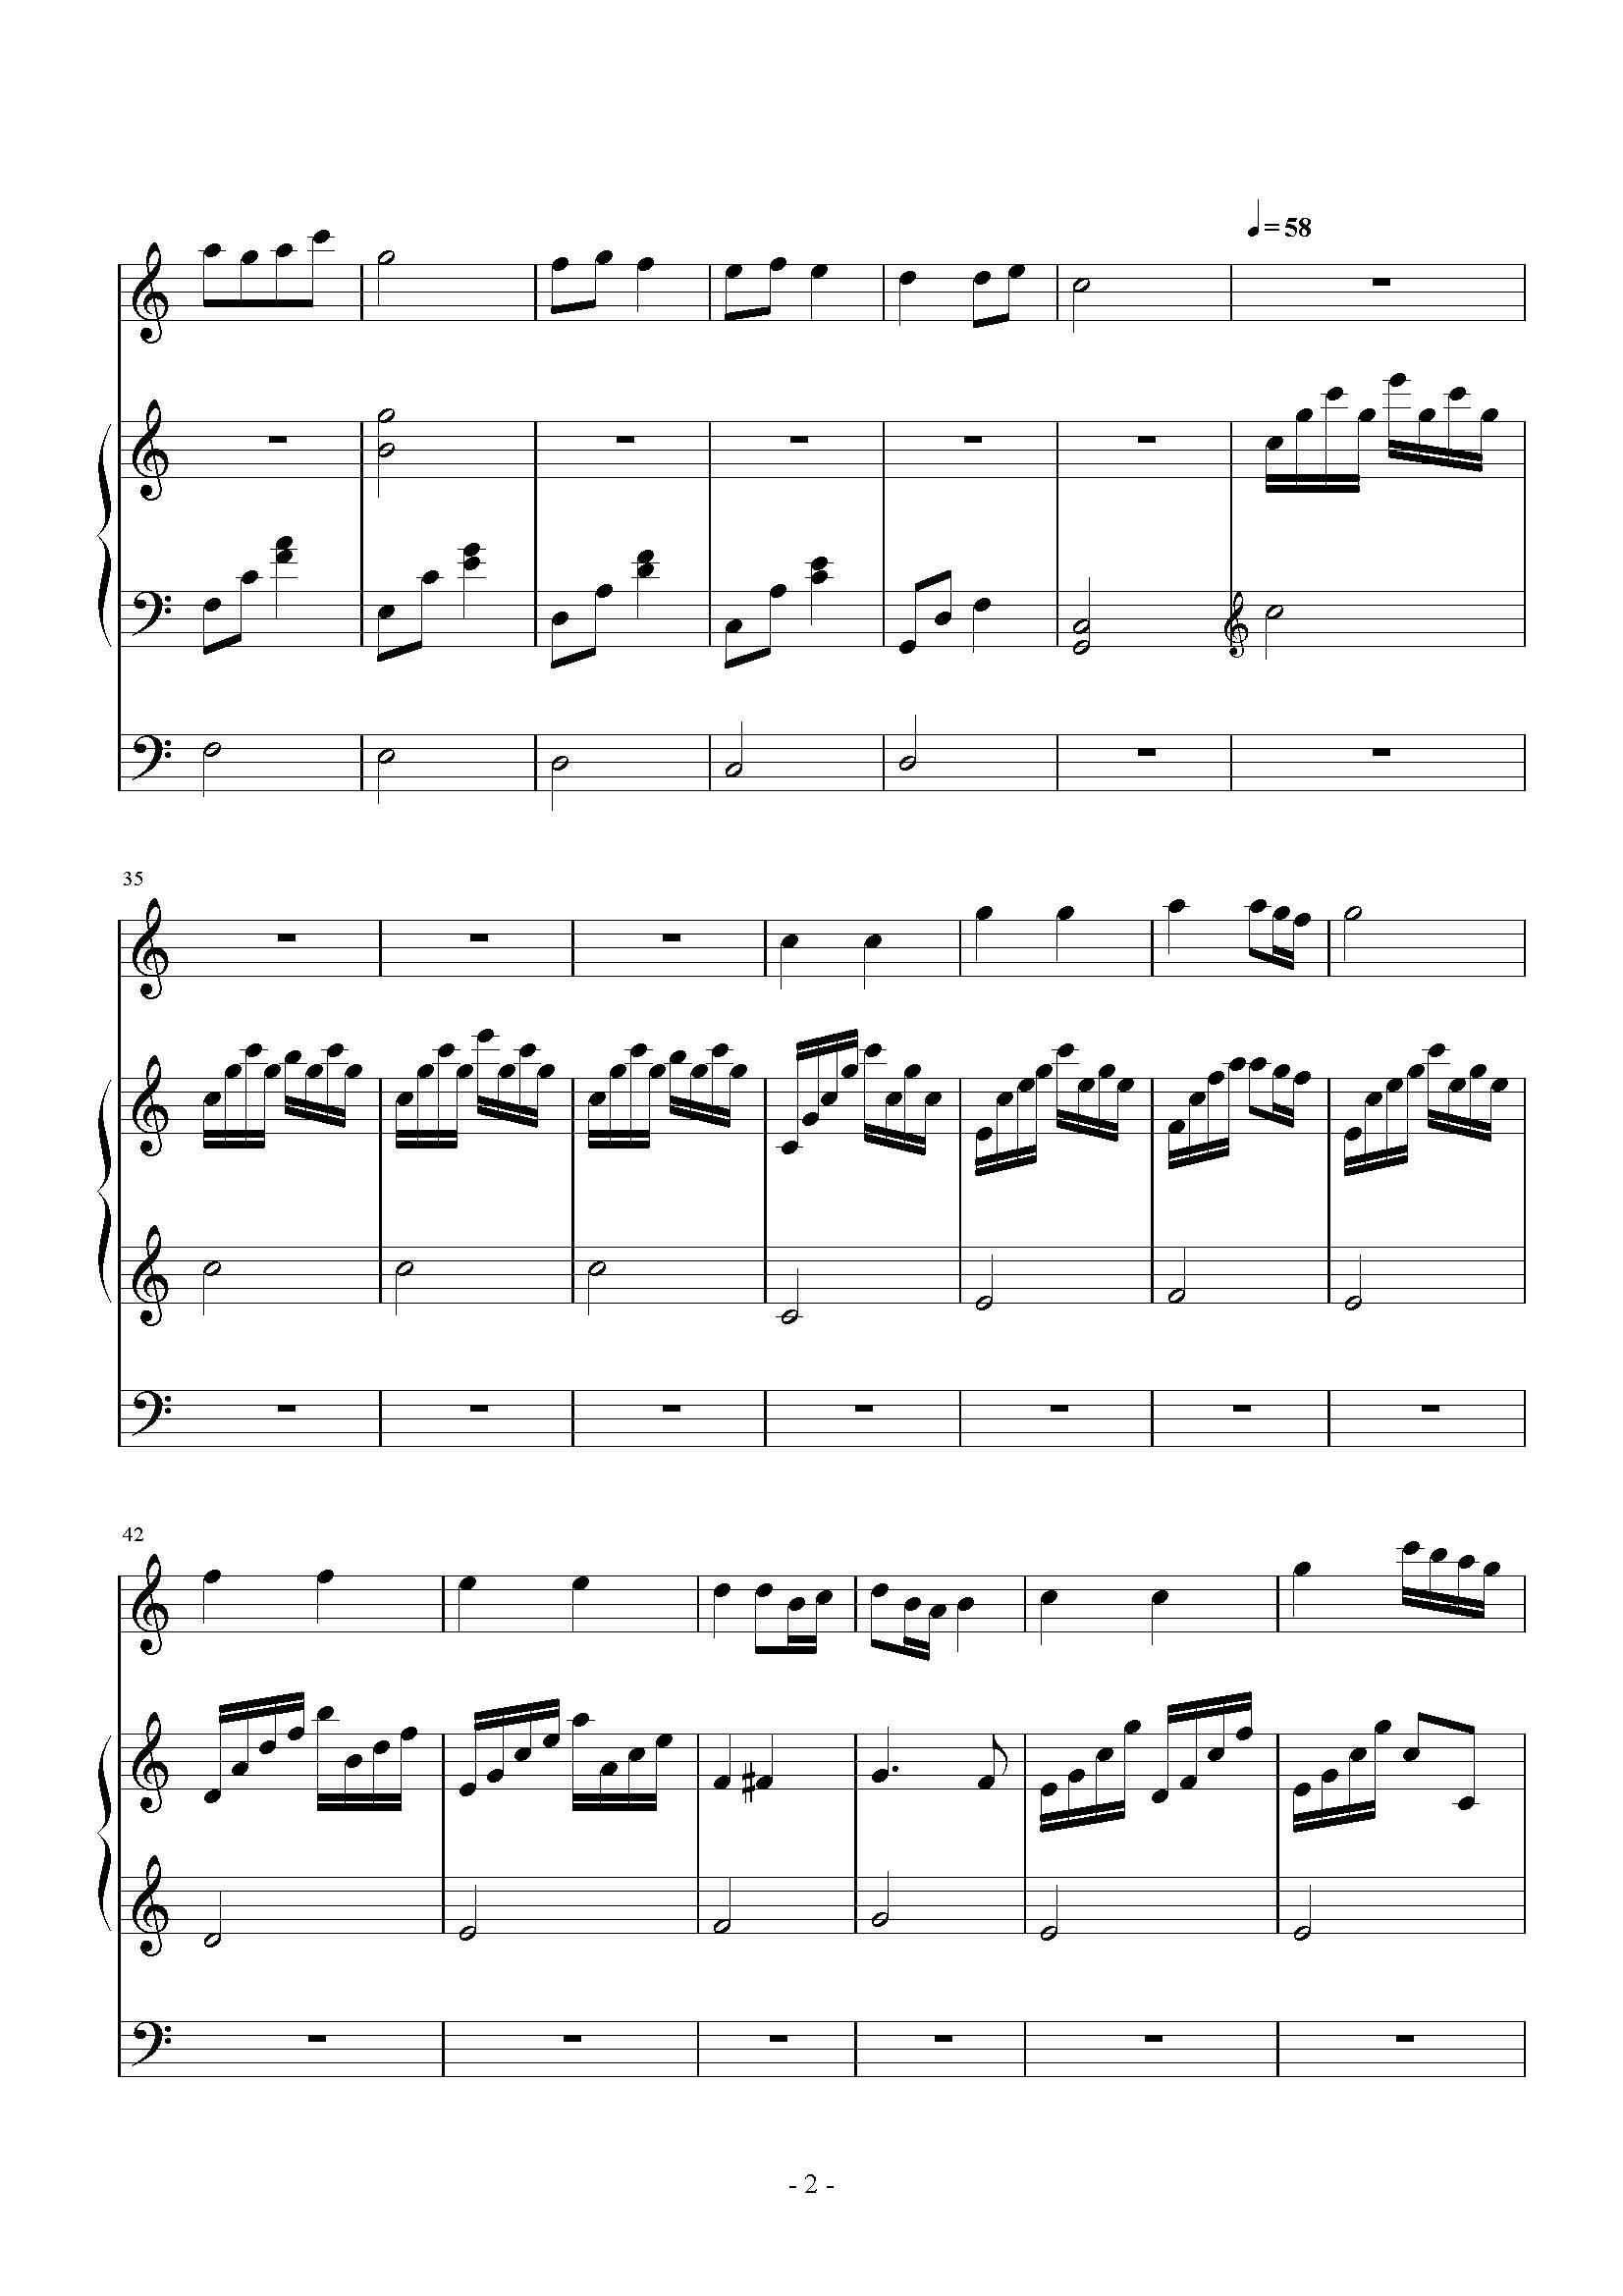 小星星 小提琴三声部版 ,小星星 小提琴三声部版 钢琴谱,小星星 小提